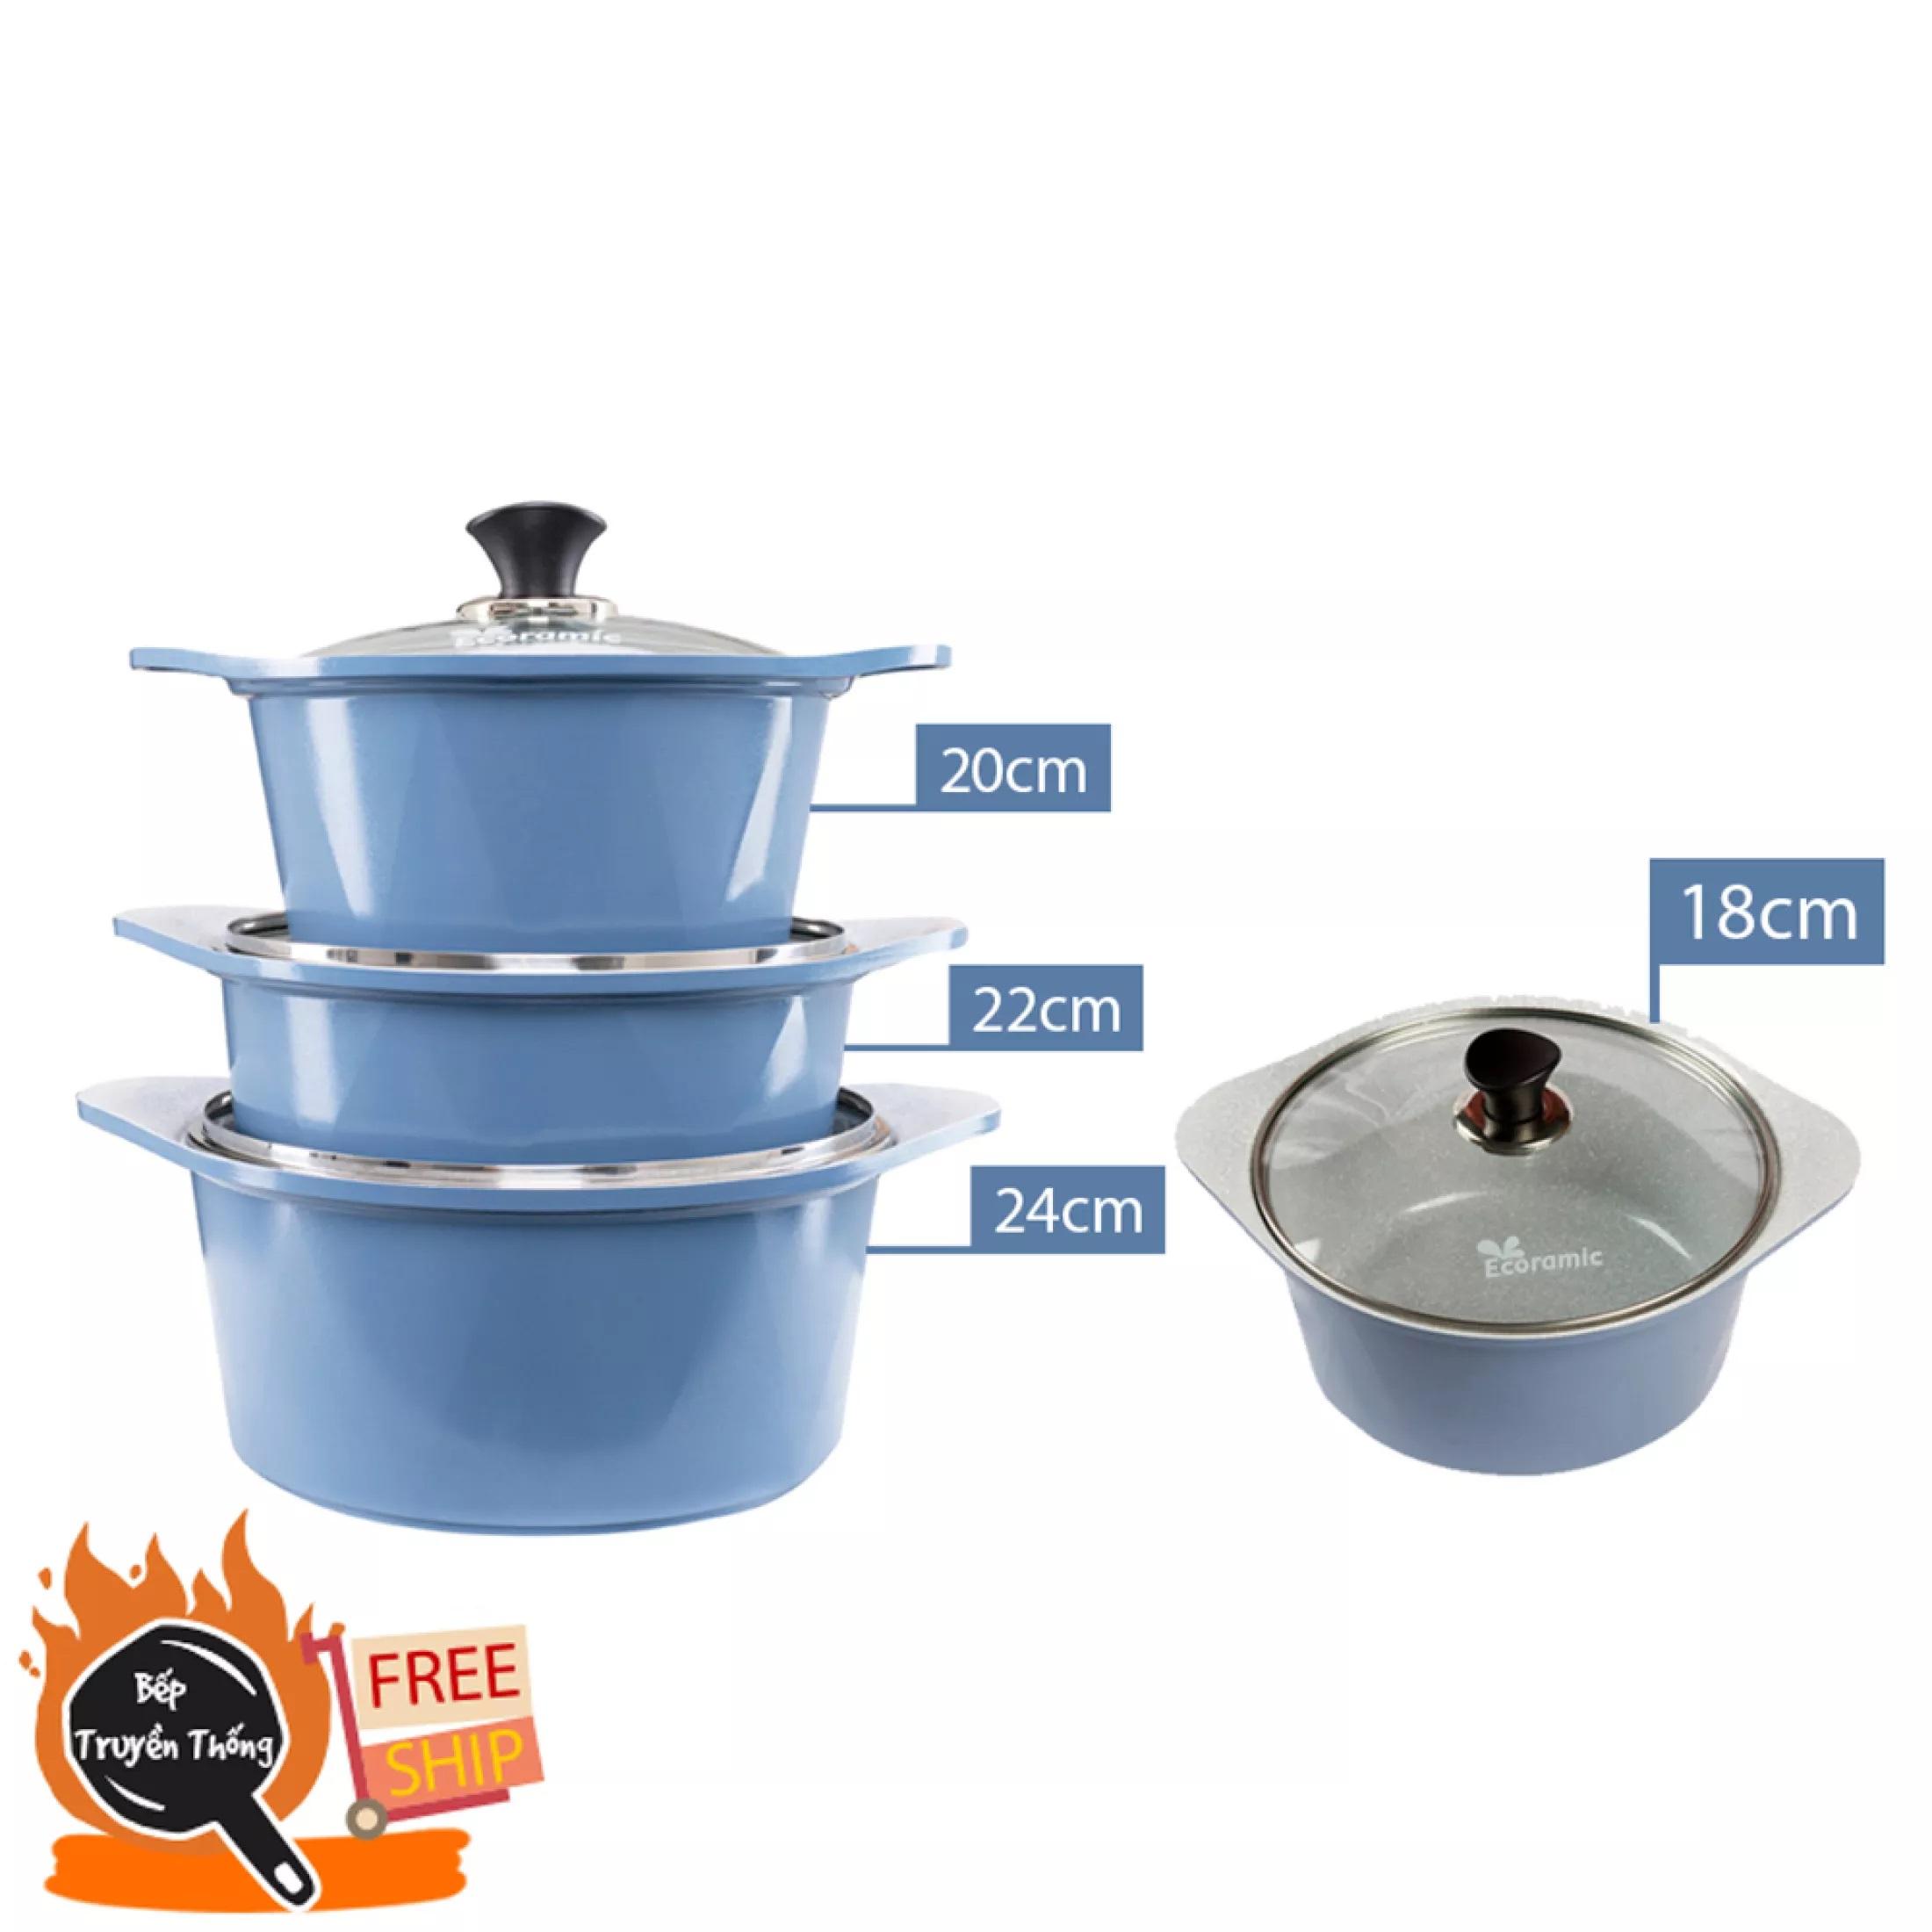 [Chính Hãng] Seoulcook (E) Bộ 4 nồi đúc ceramic cao cấp 2 tay cầm 18-20-22-24cm tặng 1 cặp nhấc nồi sillicon (dùng được bếp gas, hồng ngoại, lò nướng, ... không nấu được bếp từ)